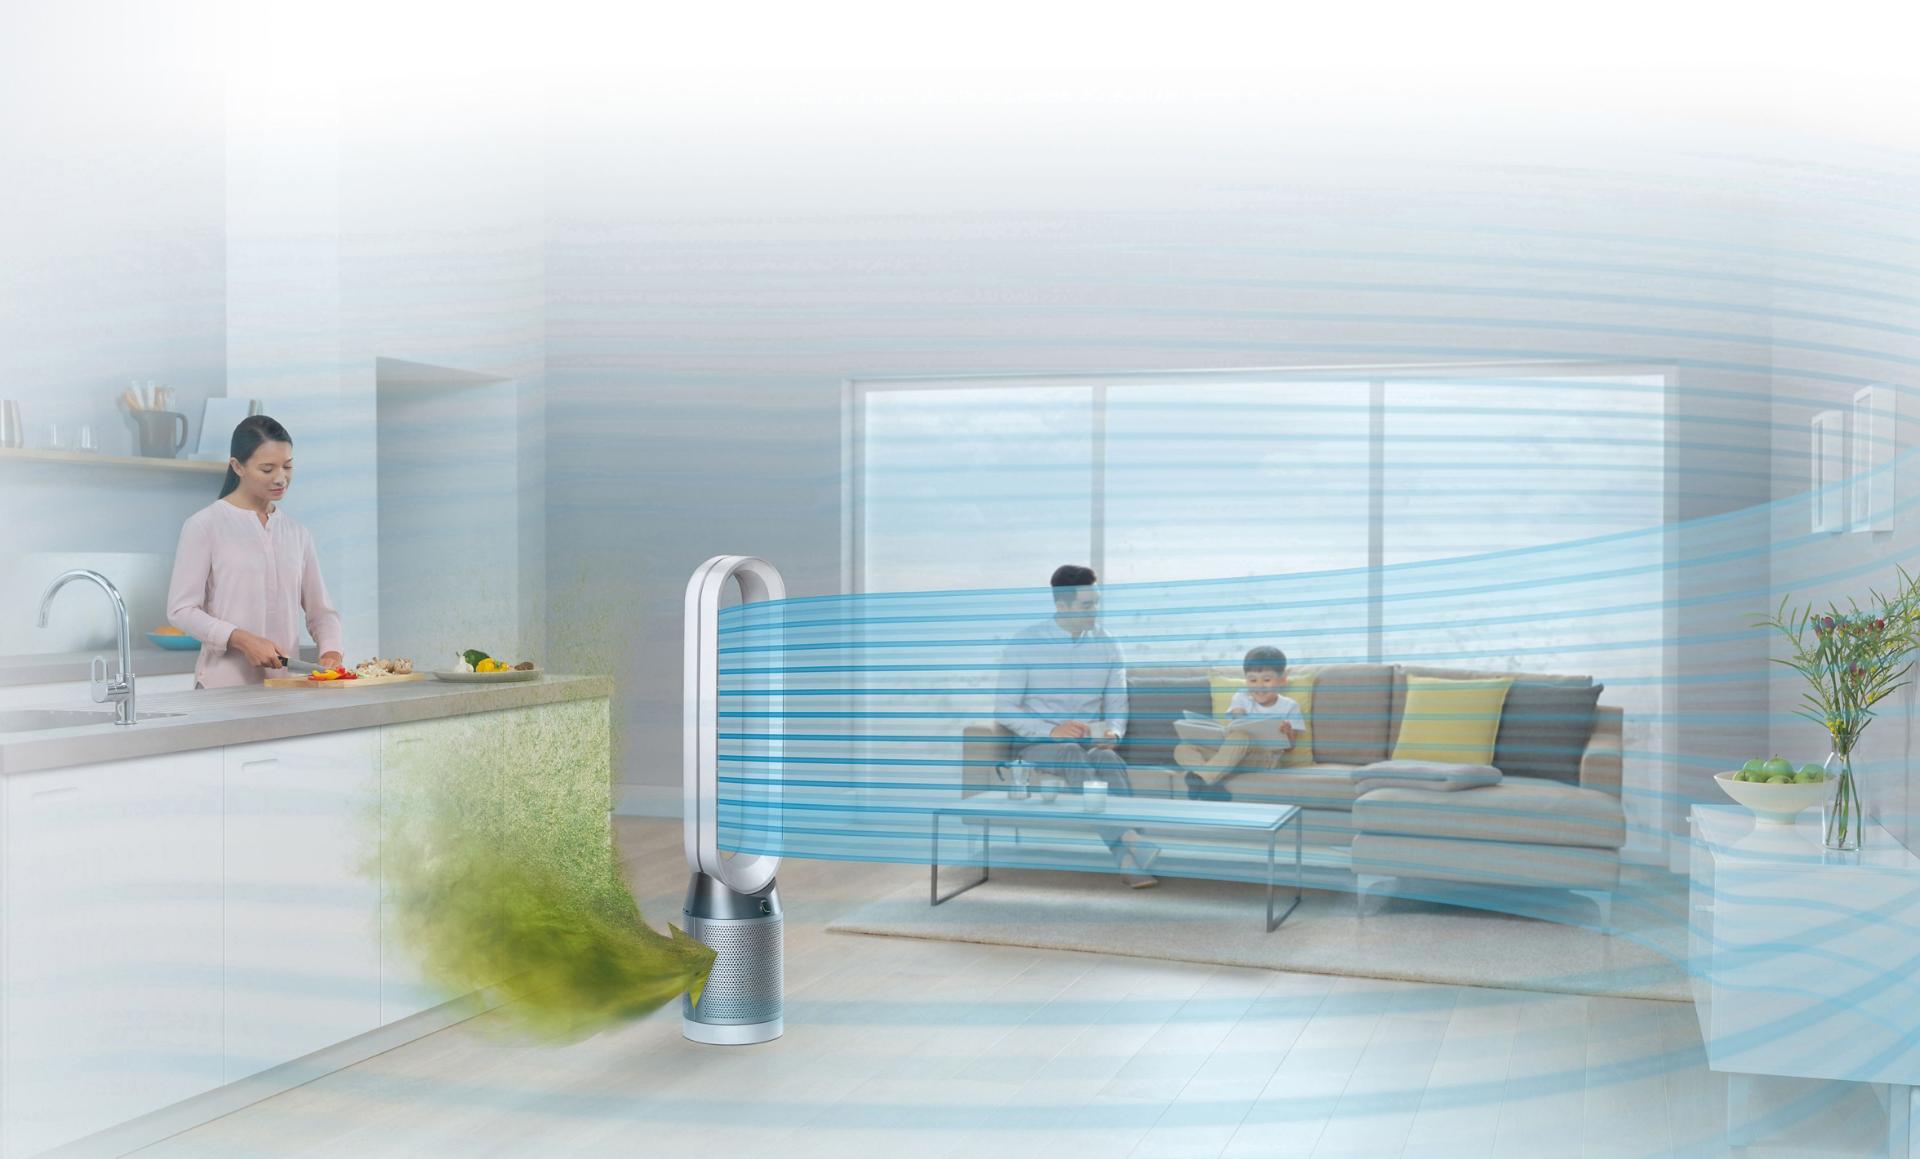 غرفة عائلية تستخدم المروحة المُنقية للهواء Dyson Pure Cool™